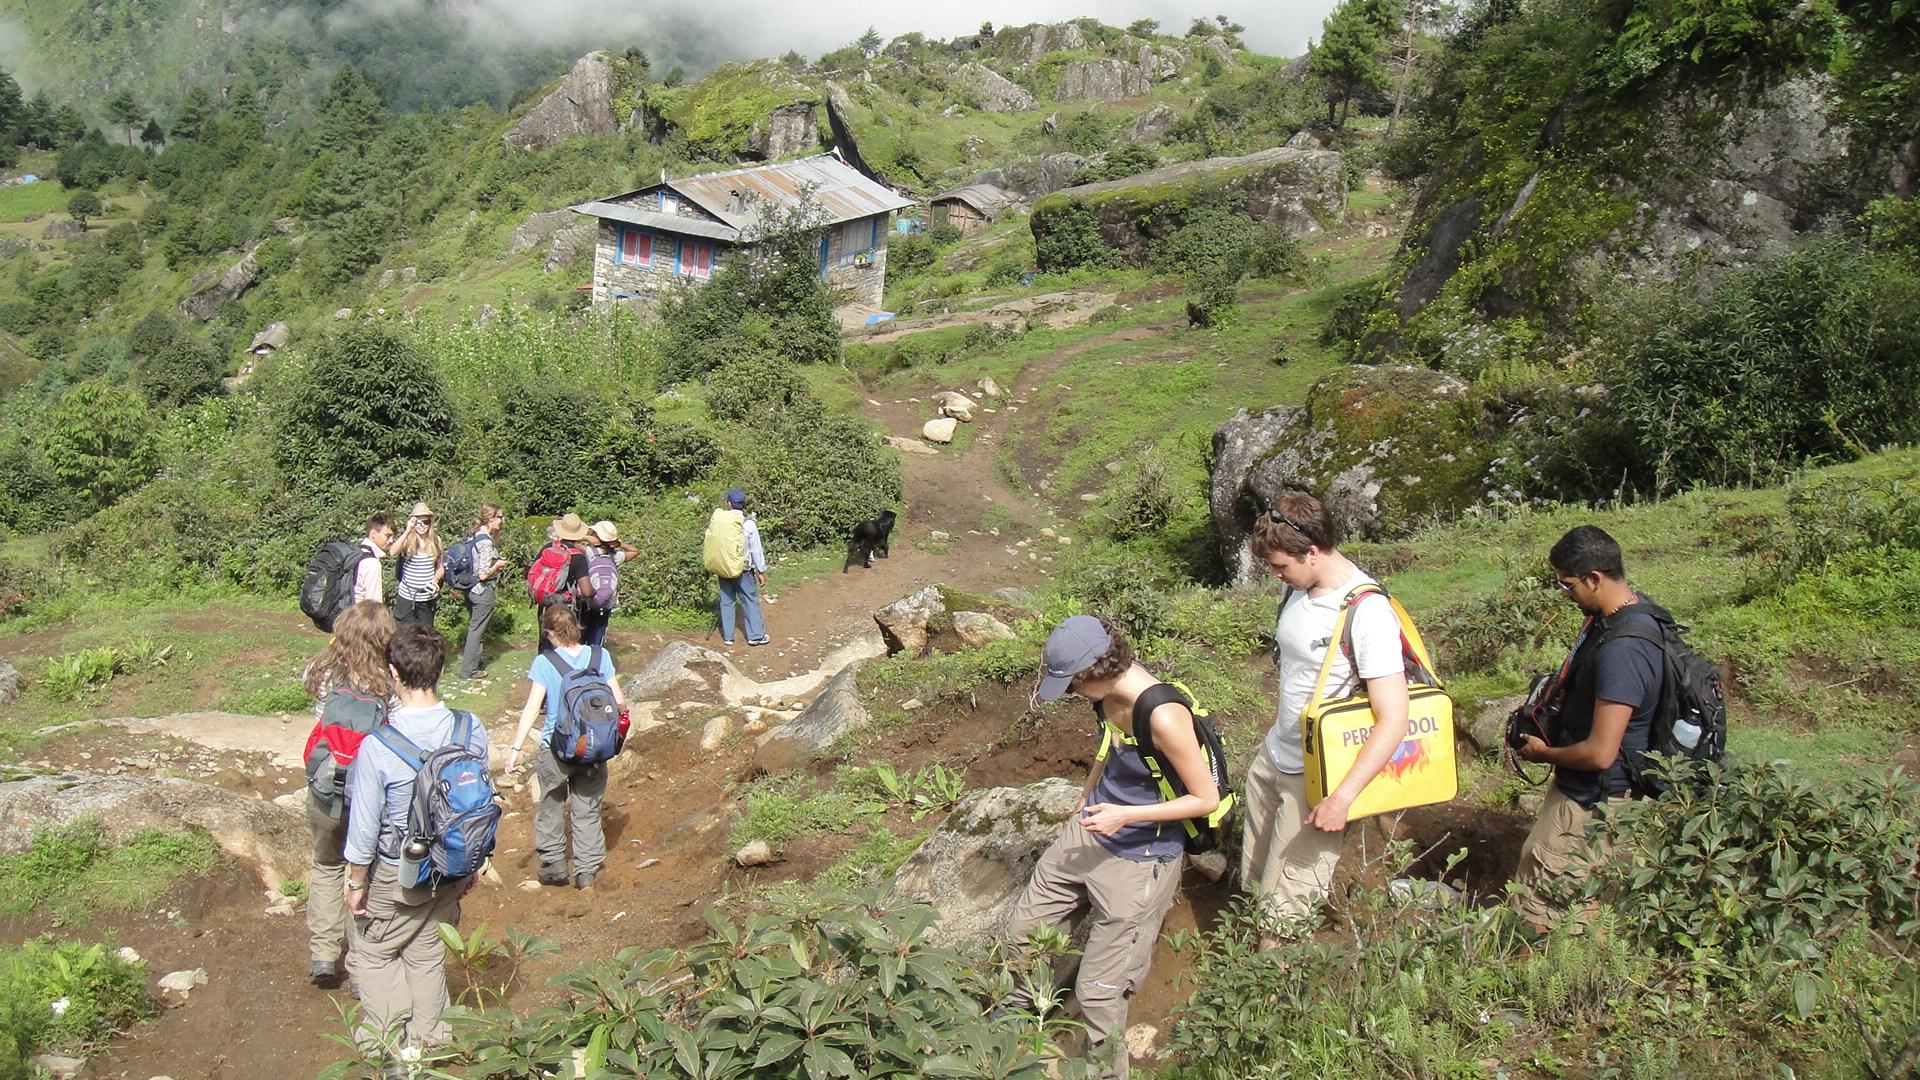 Volunteering_Medical_Trek_Adventure_Alternative_Nepal.JPG